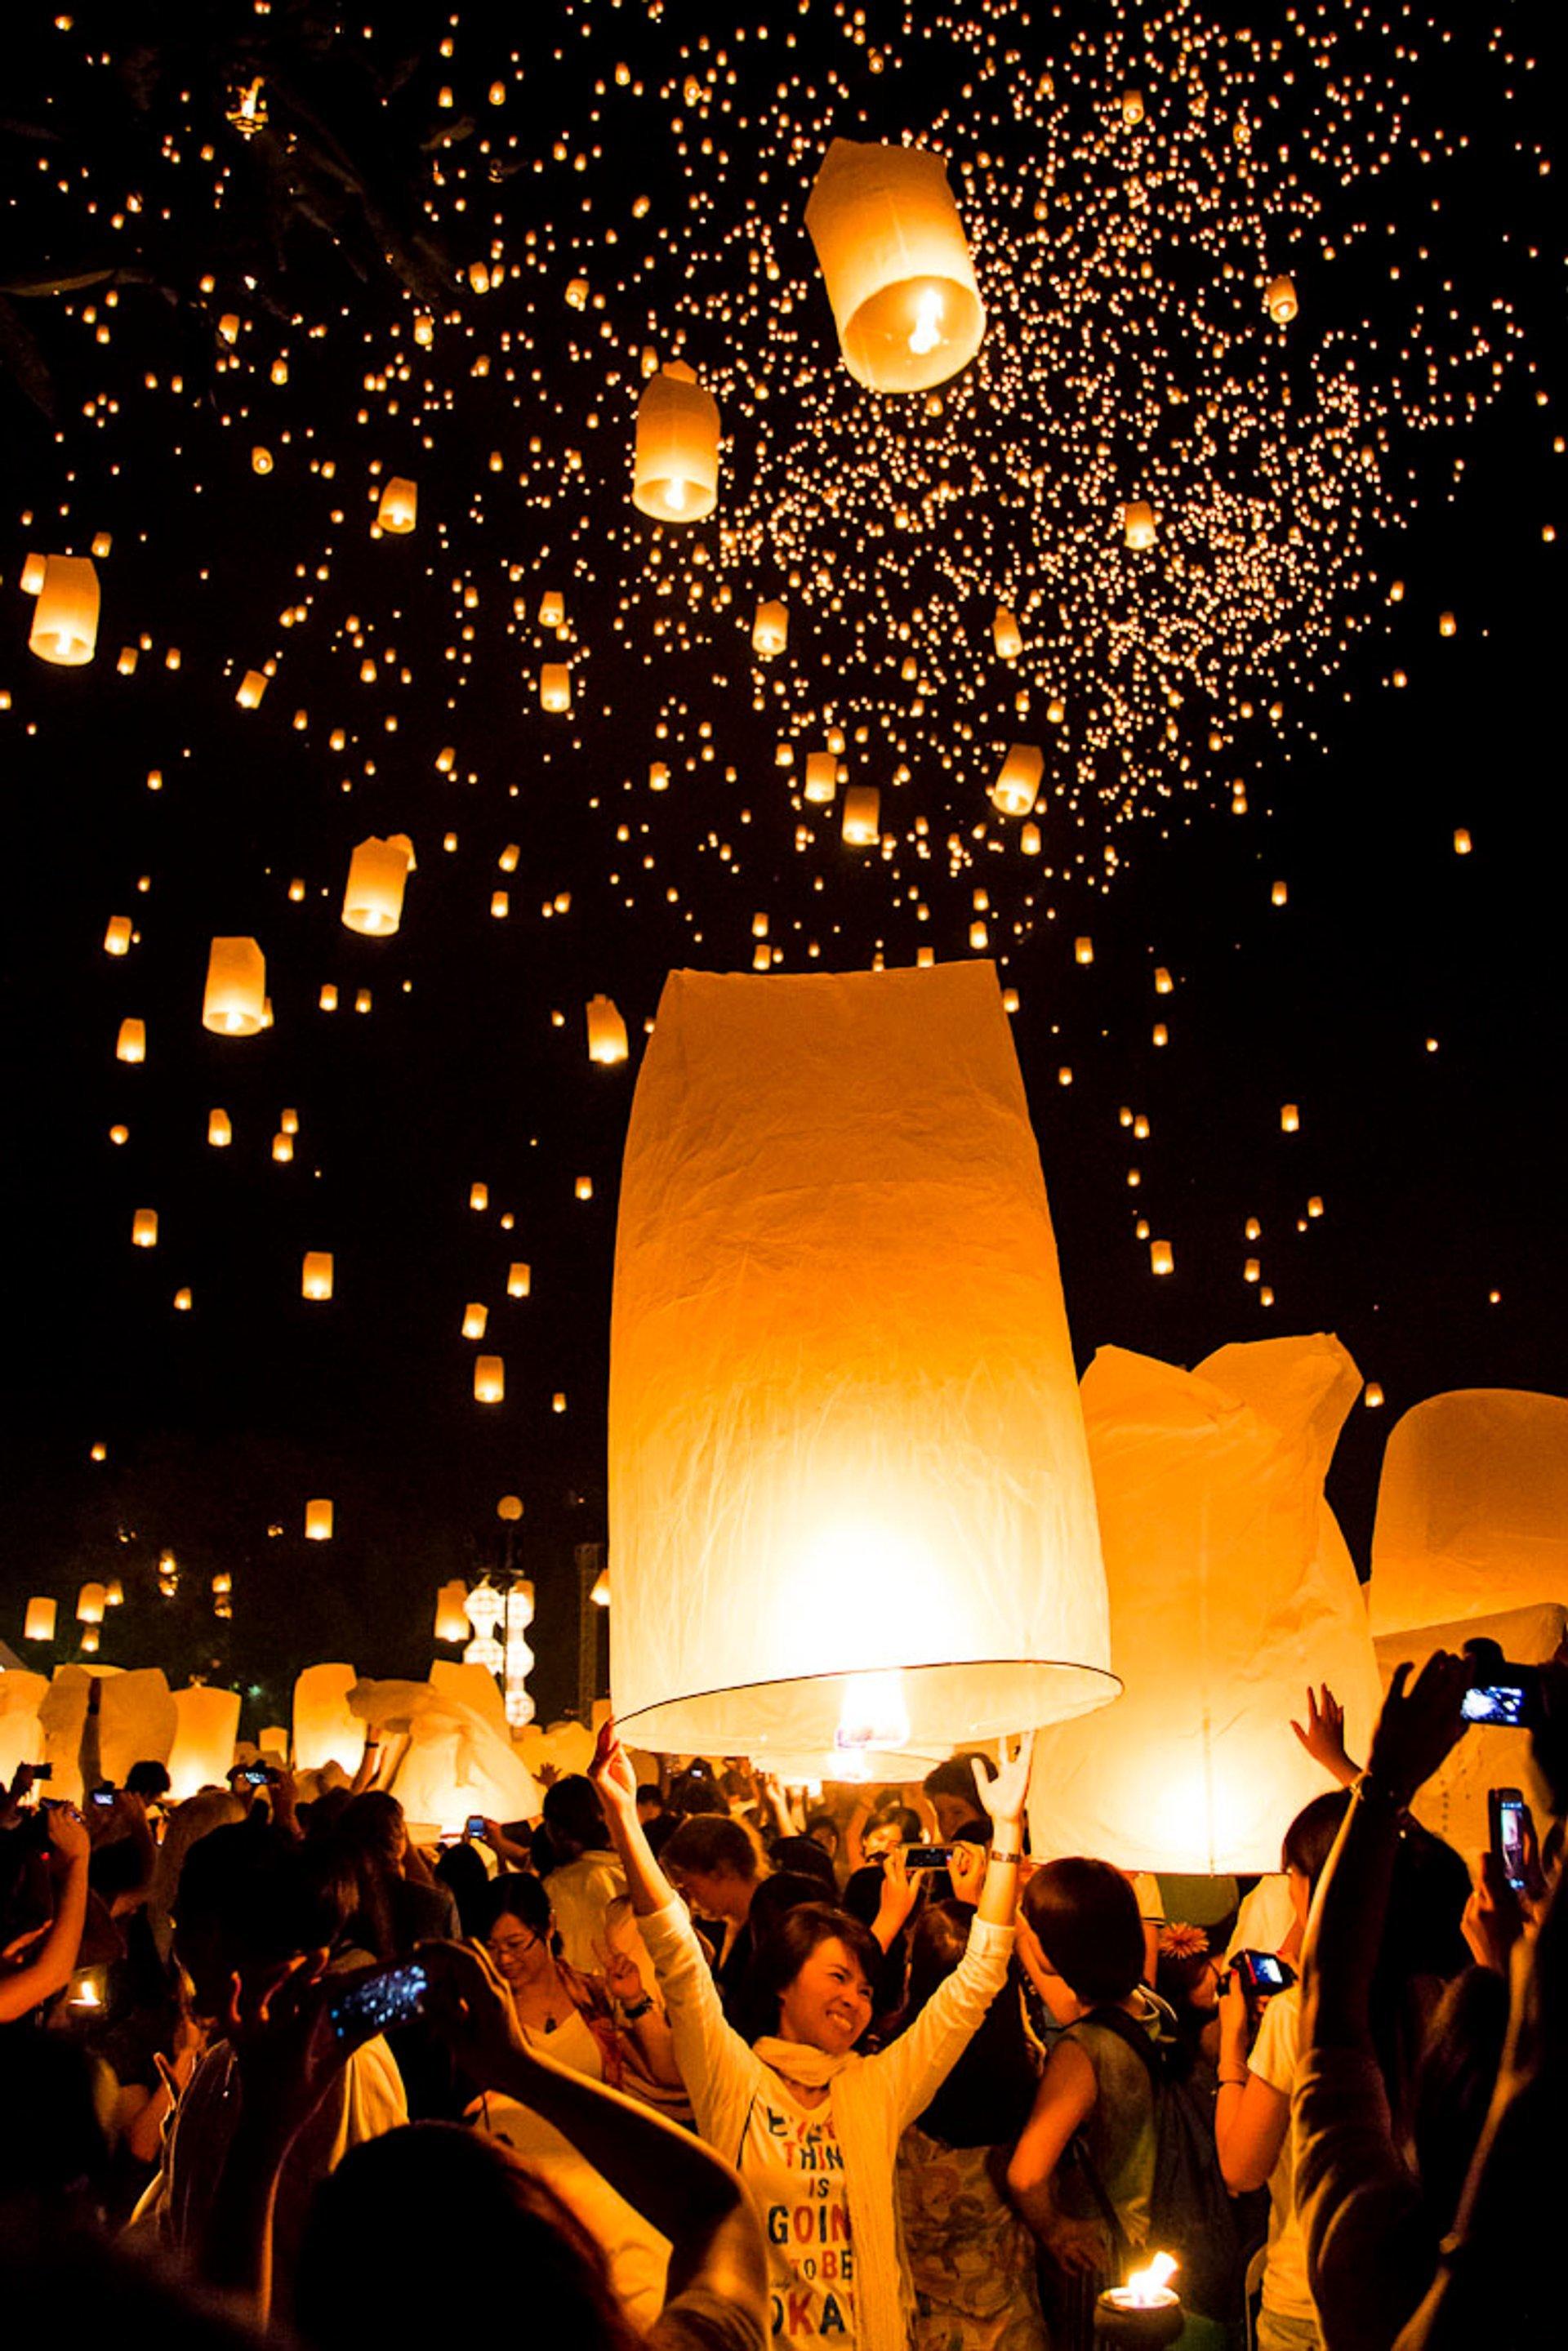 Celebration at Mae Jo University, Chiang Mai 2020